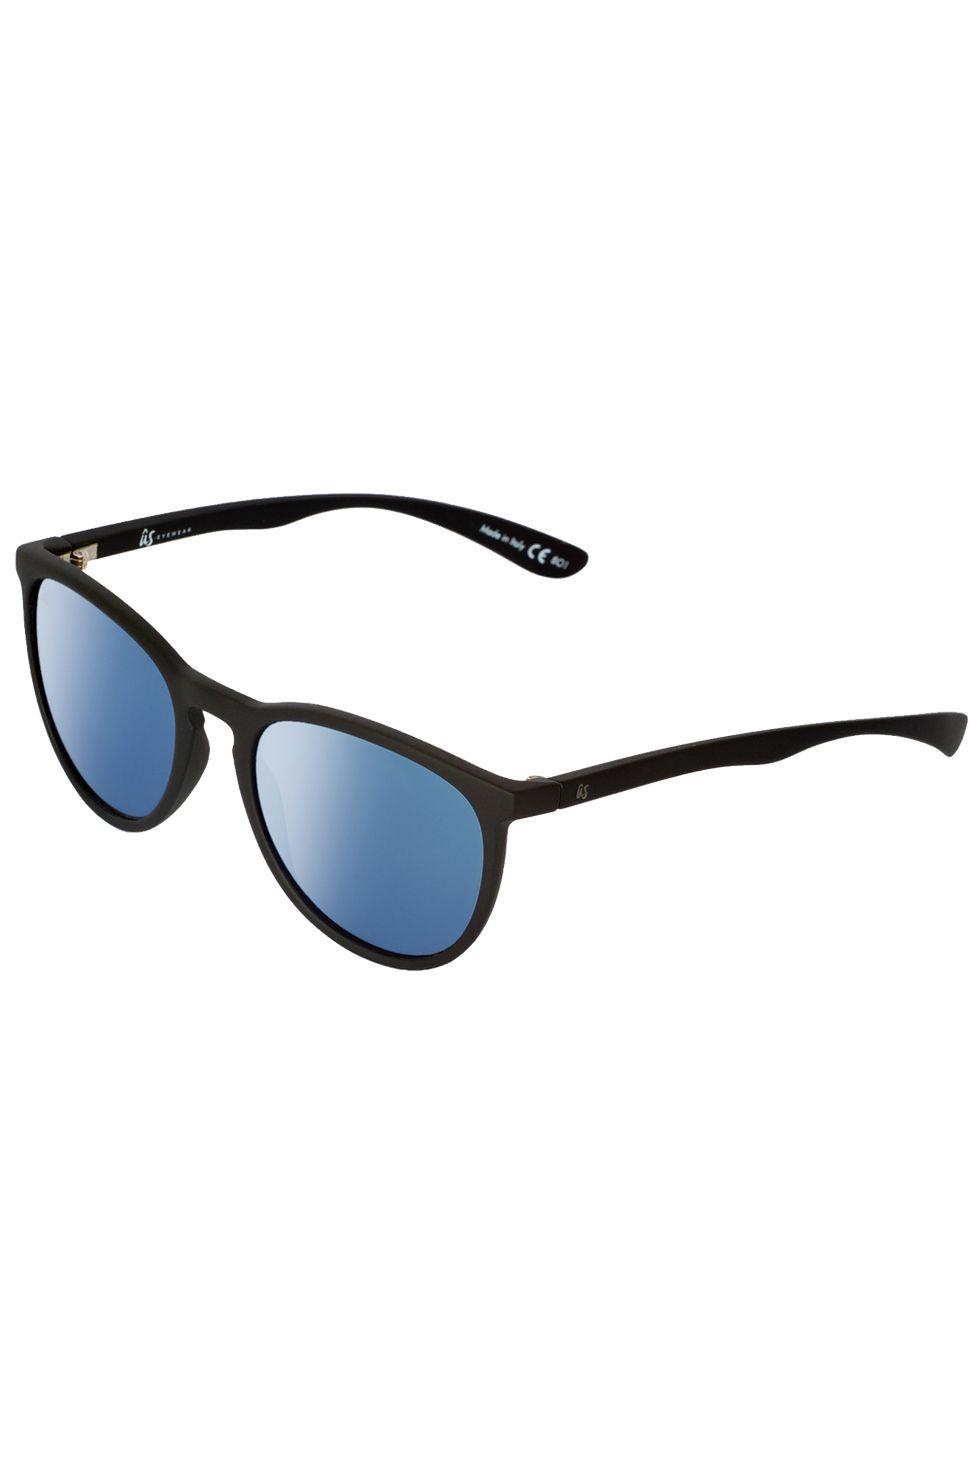 Oculos US NOBIS Matte Black/Grey Blue Chrome